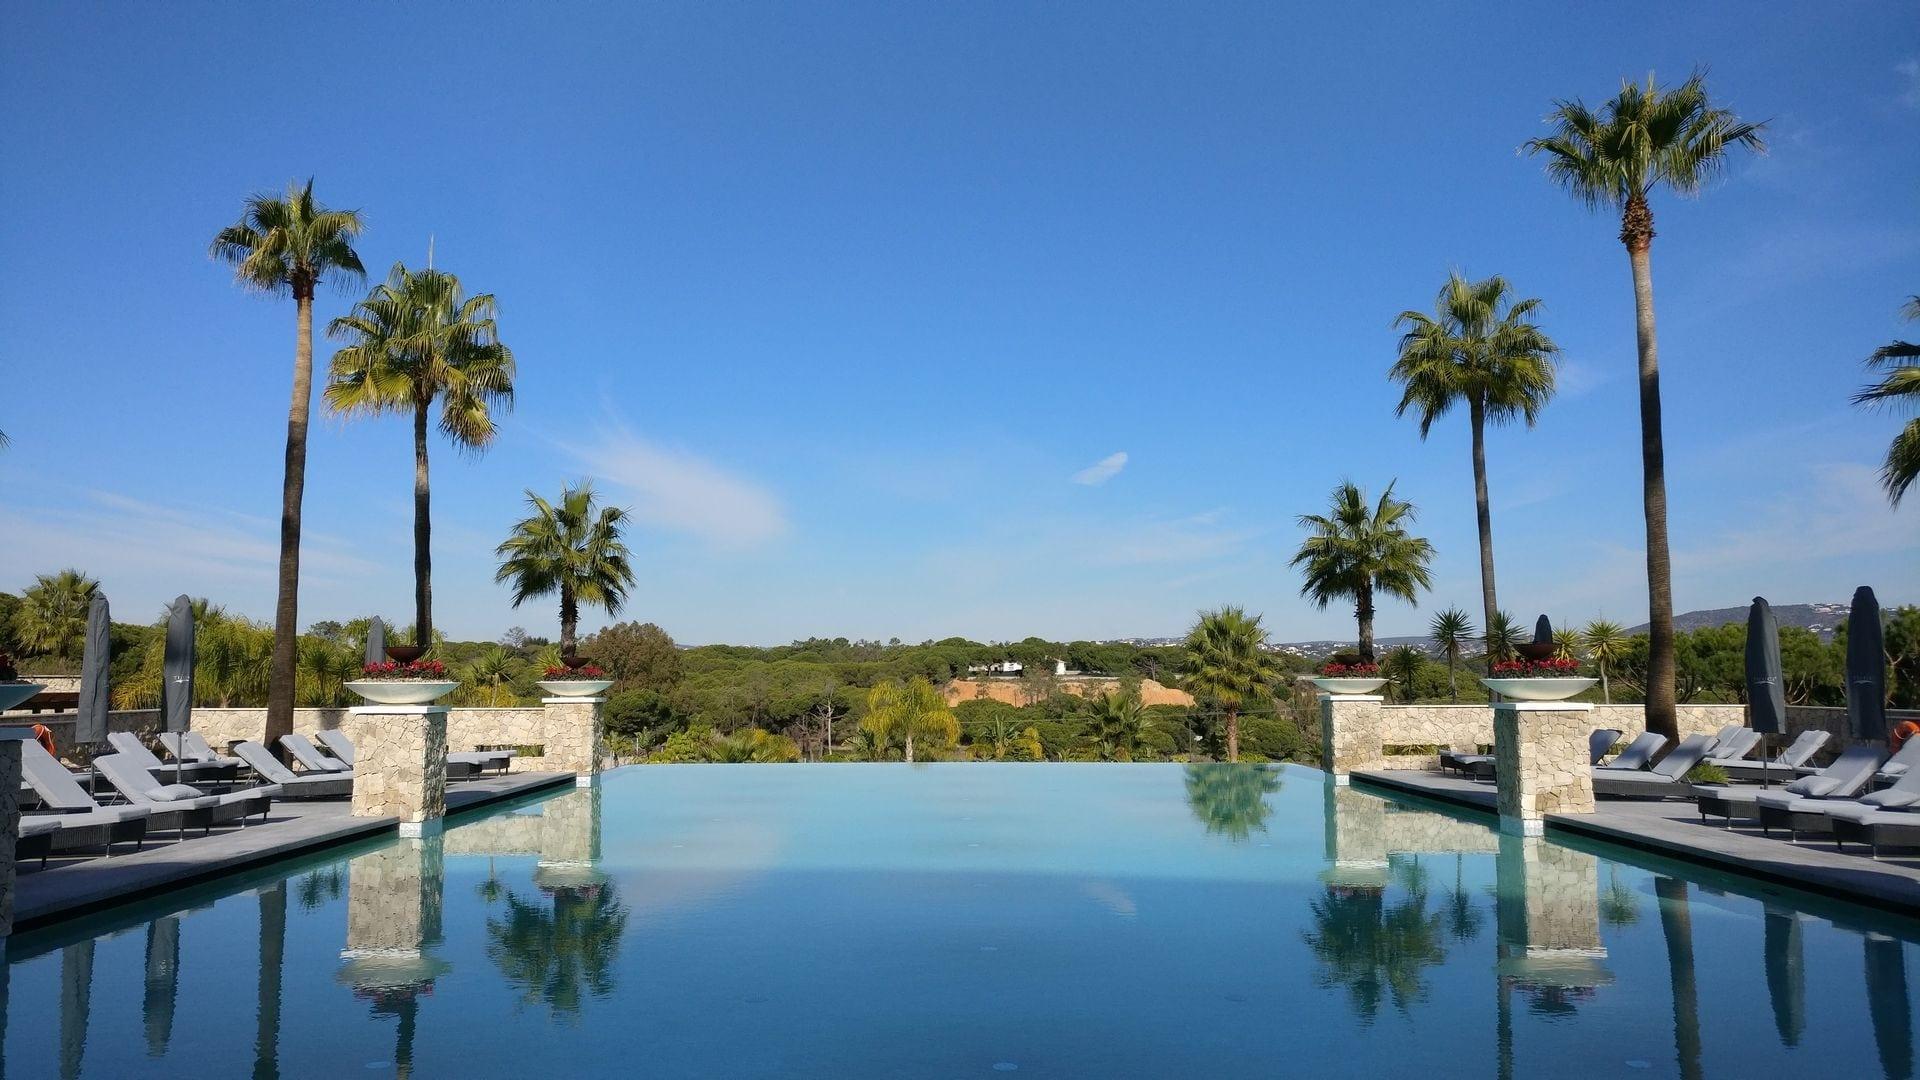 Conrad Algarve Outdoor Pool 4